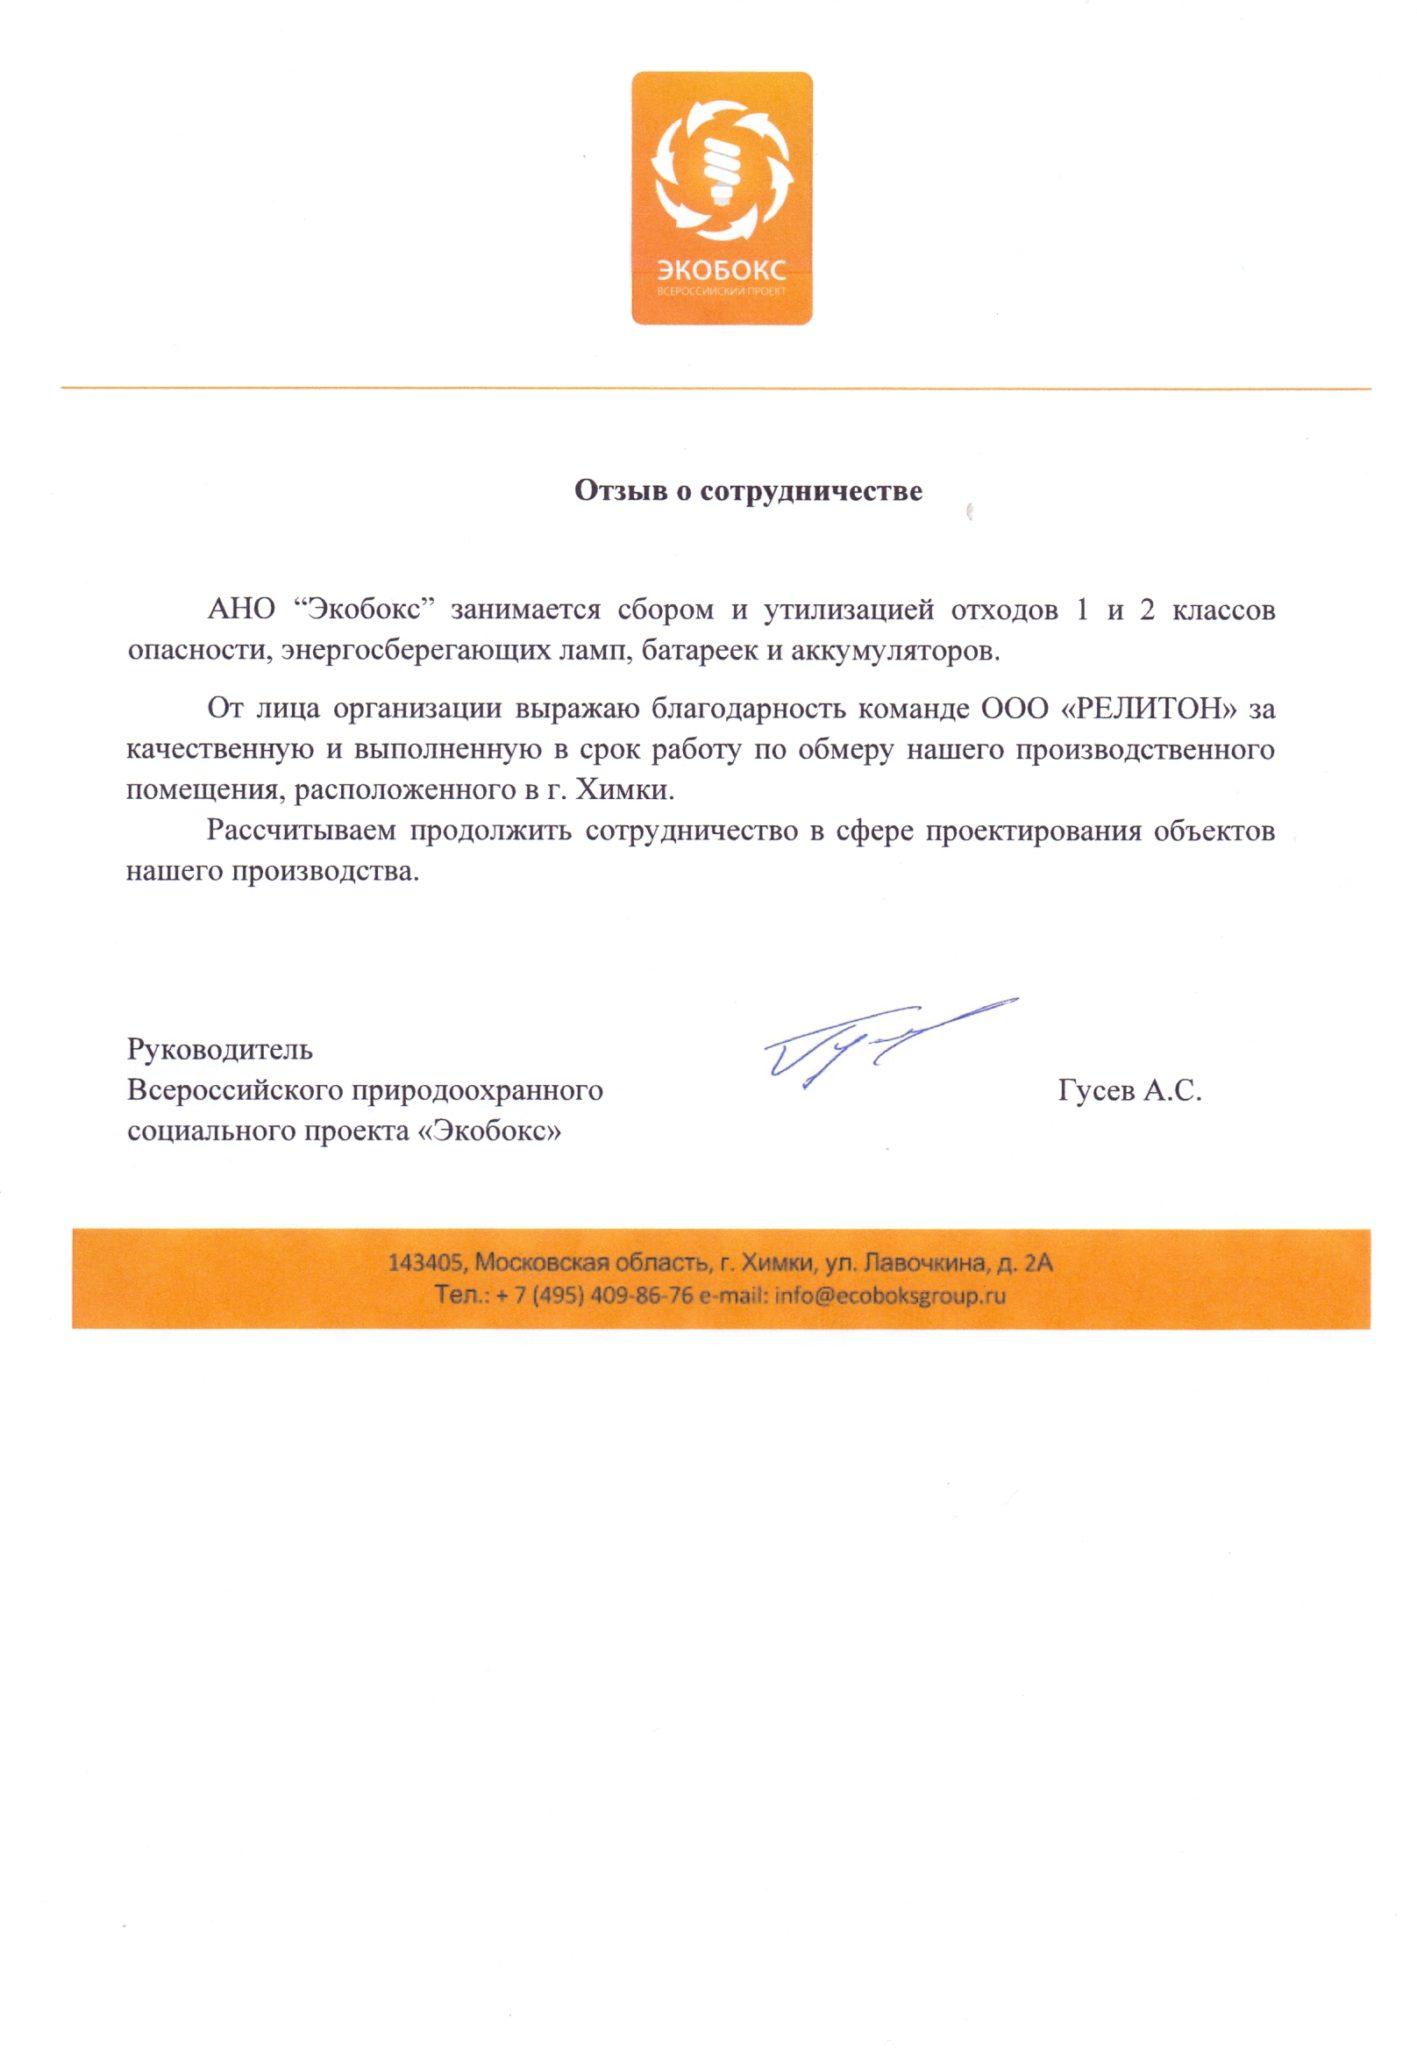 """Отзыв о сотрудничестве с компанией RELITON от АНО """"Экобокс"""""""